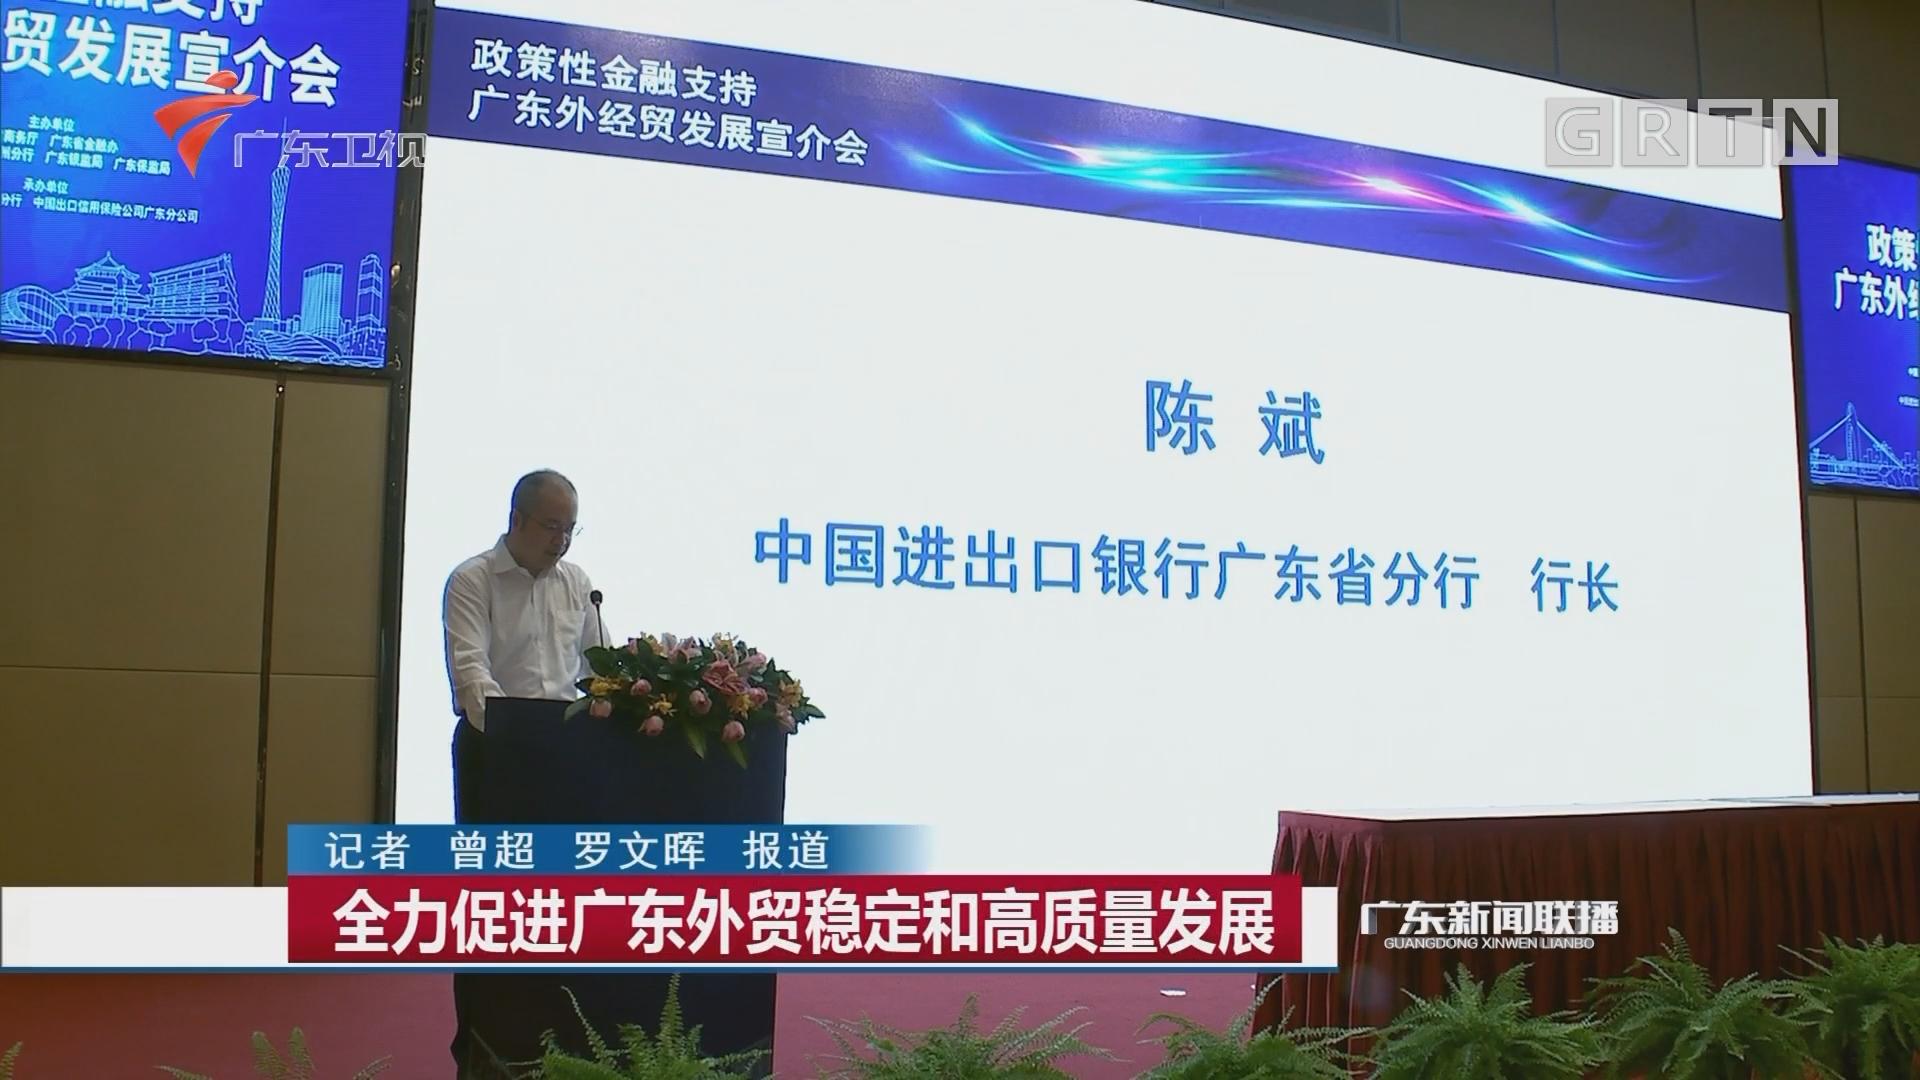 全力促进广东外贸稳定和高质量发展